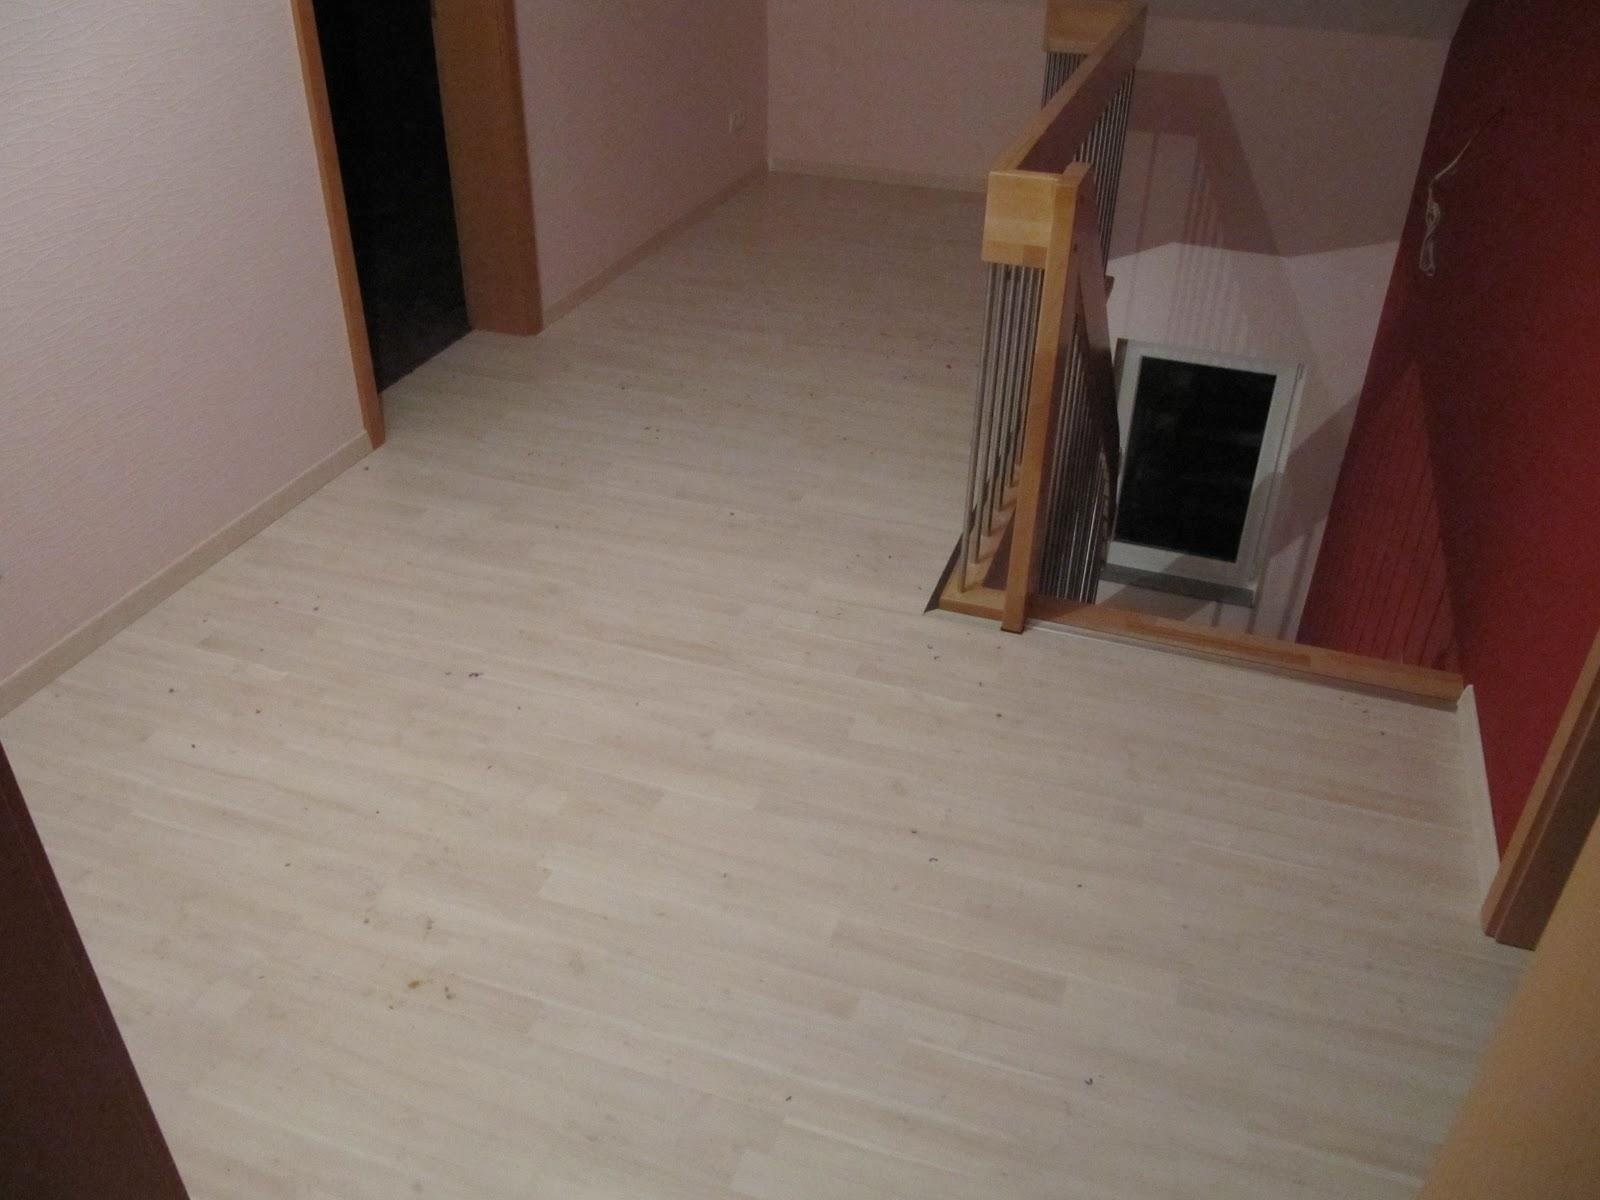 projekt schnitzelbude laminat im flur teppich im schlafzimmer und wandfarbe im kinderzimmer. Black Bedroom Furniture Sets. Home Design Ideas